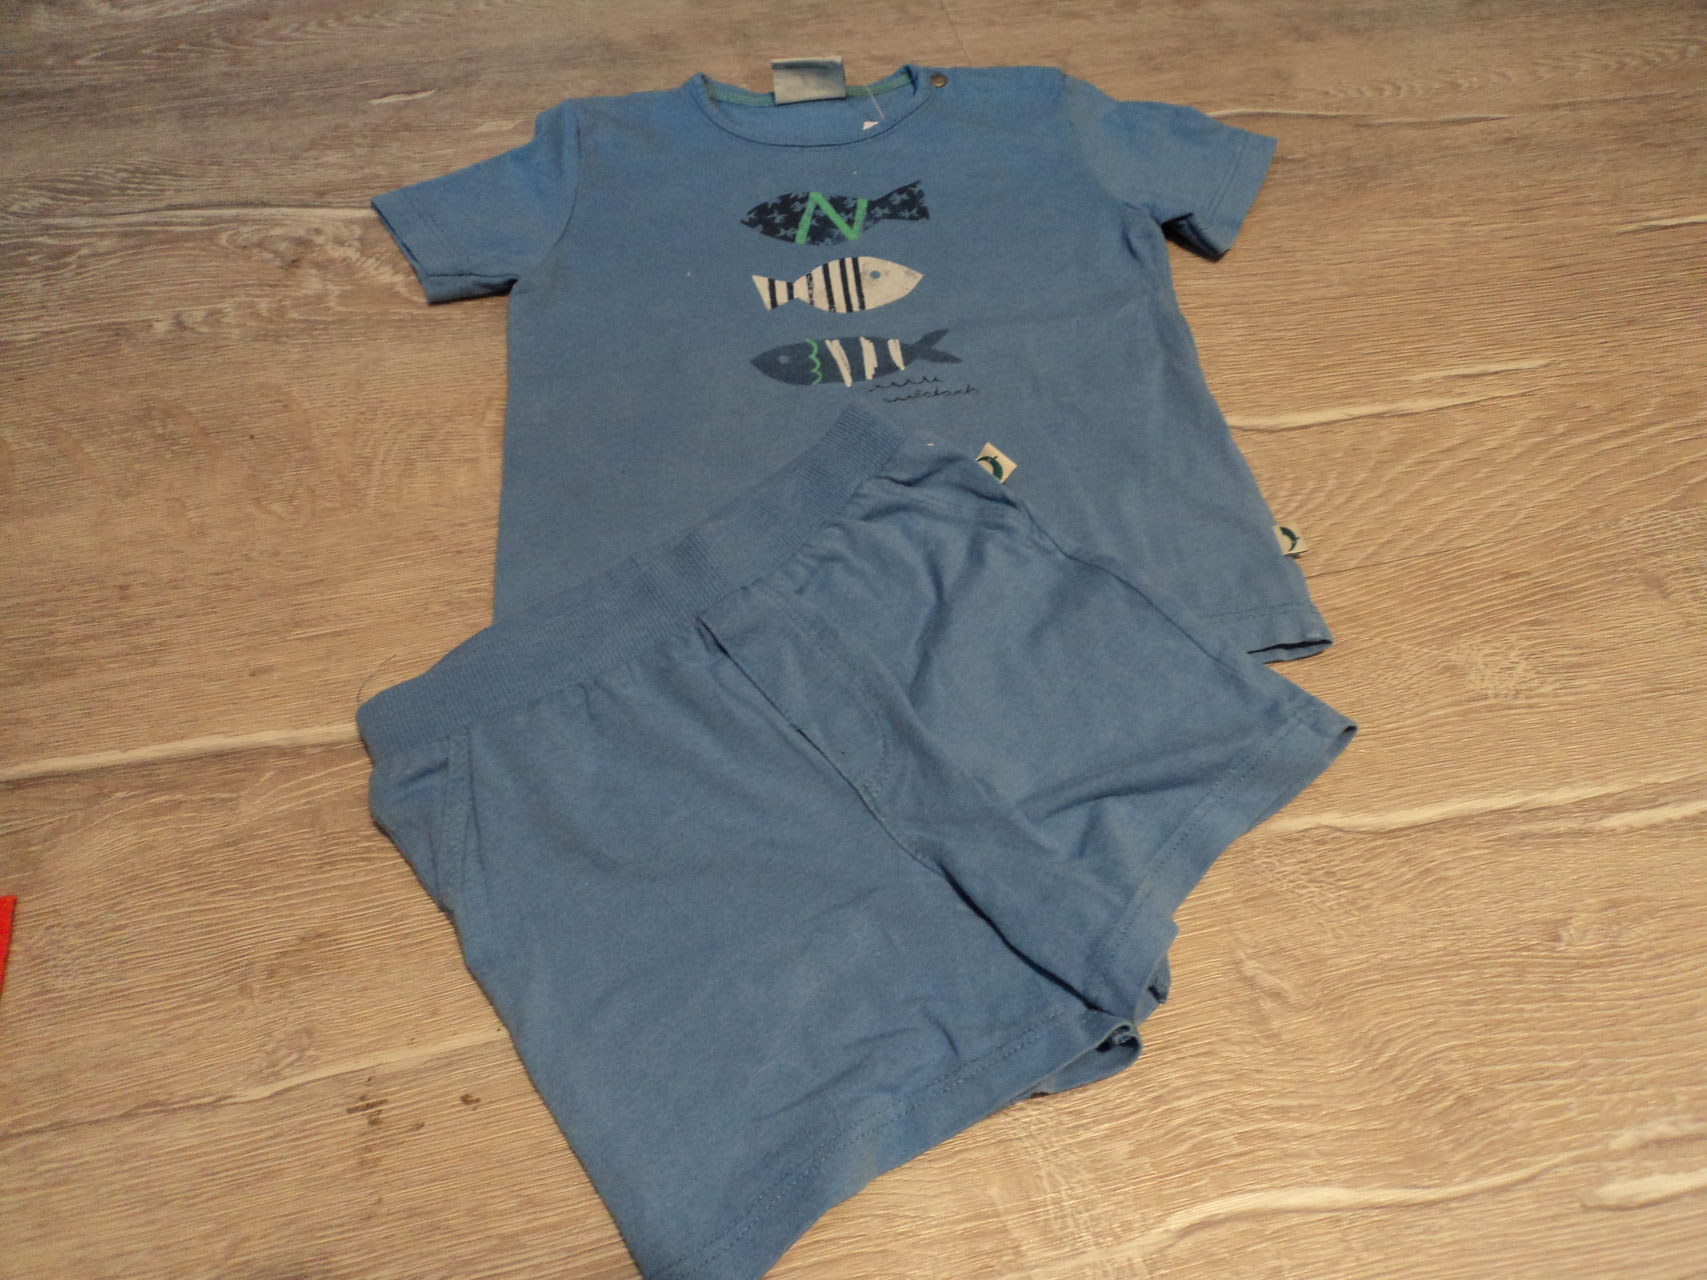 dfefed4979fcde 2688 Set Shirt blau mit Fische Gr. 80 kurze Shorts blau Gr. 86 von EAT ANTS